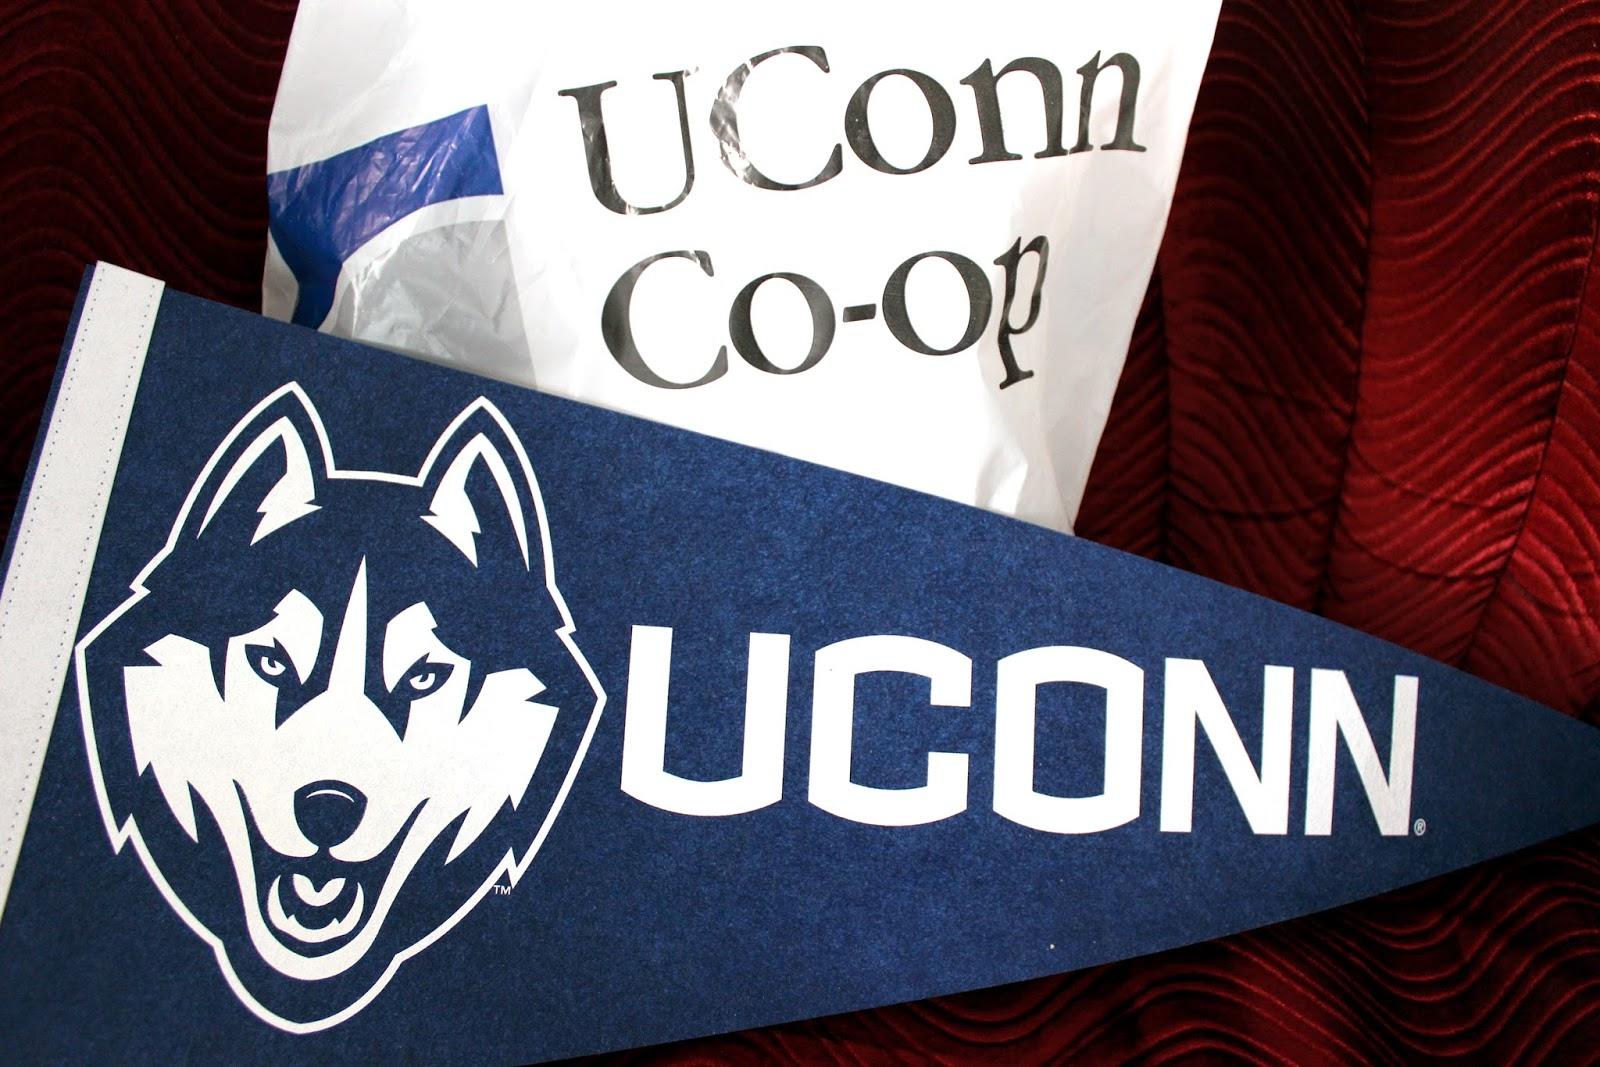 Uconn Class of 2018